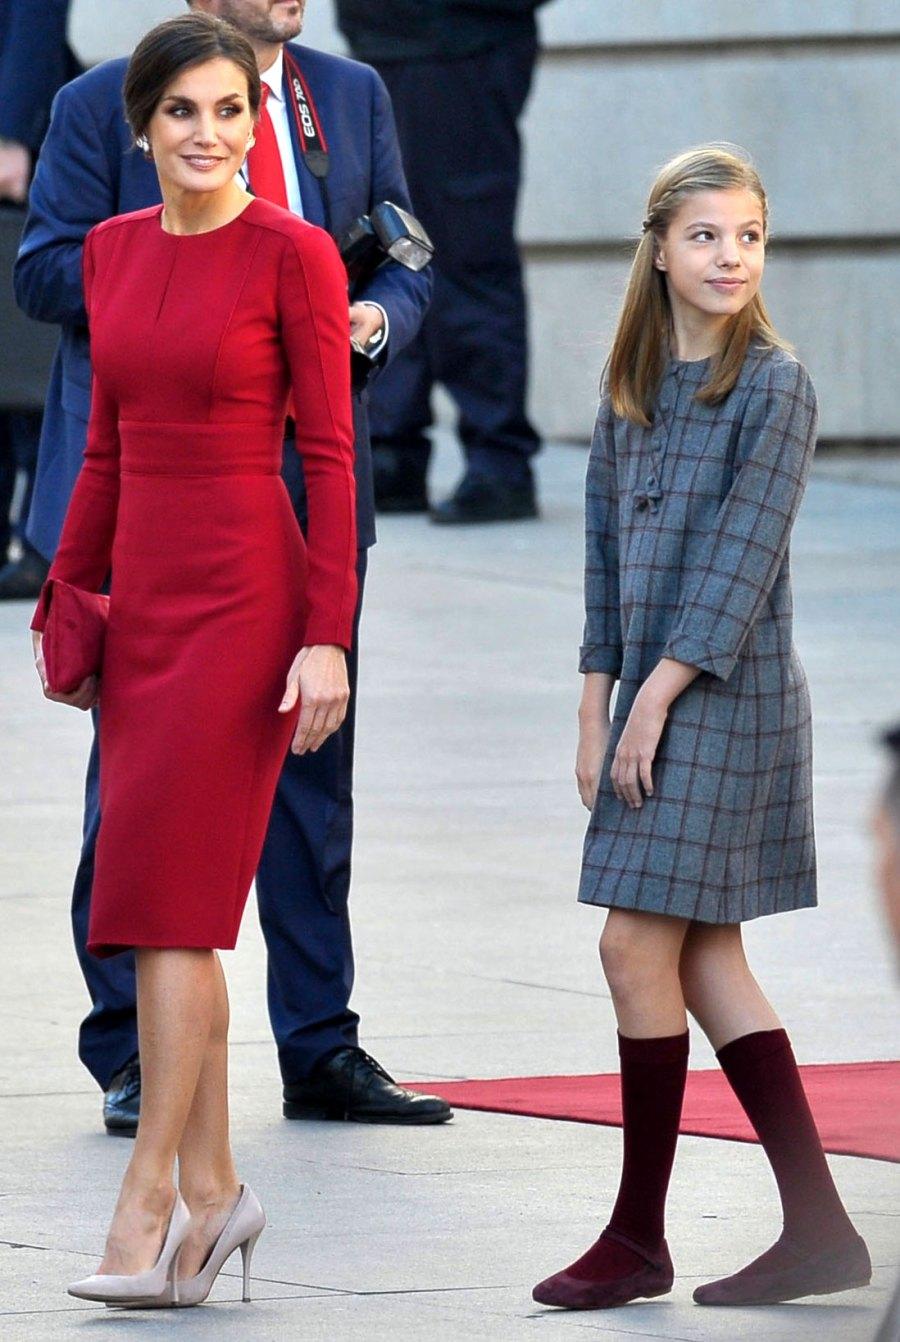 Queen-Letizia-Ortiz-of-Spain-red-dress